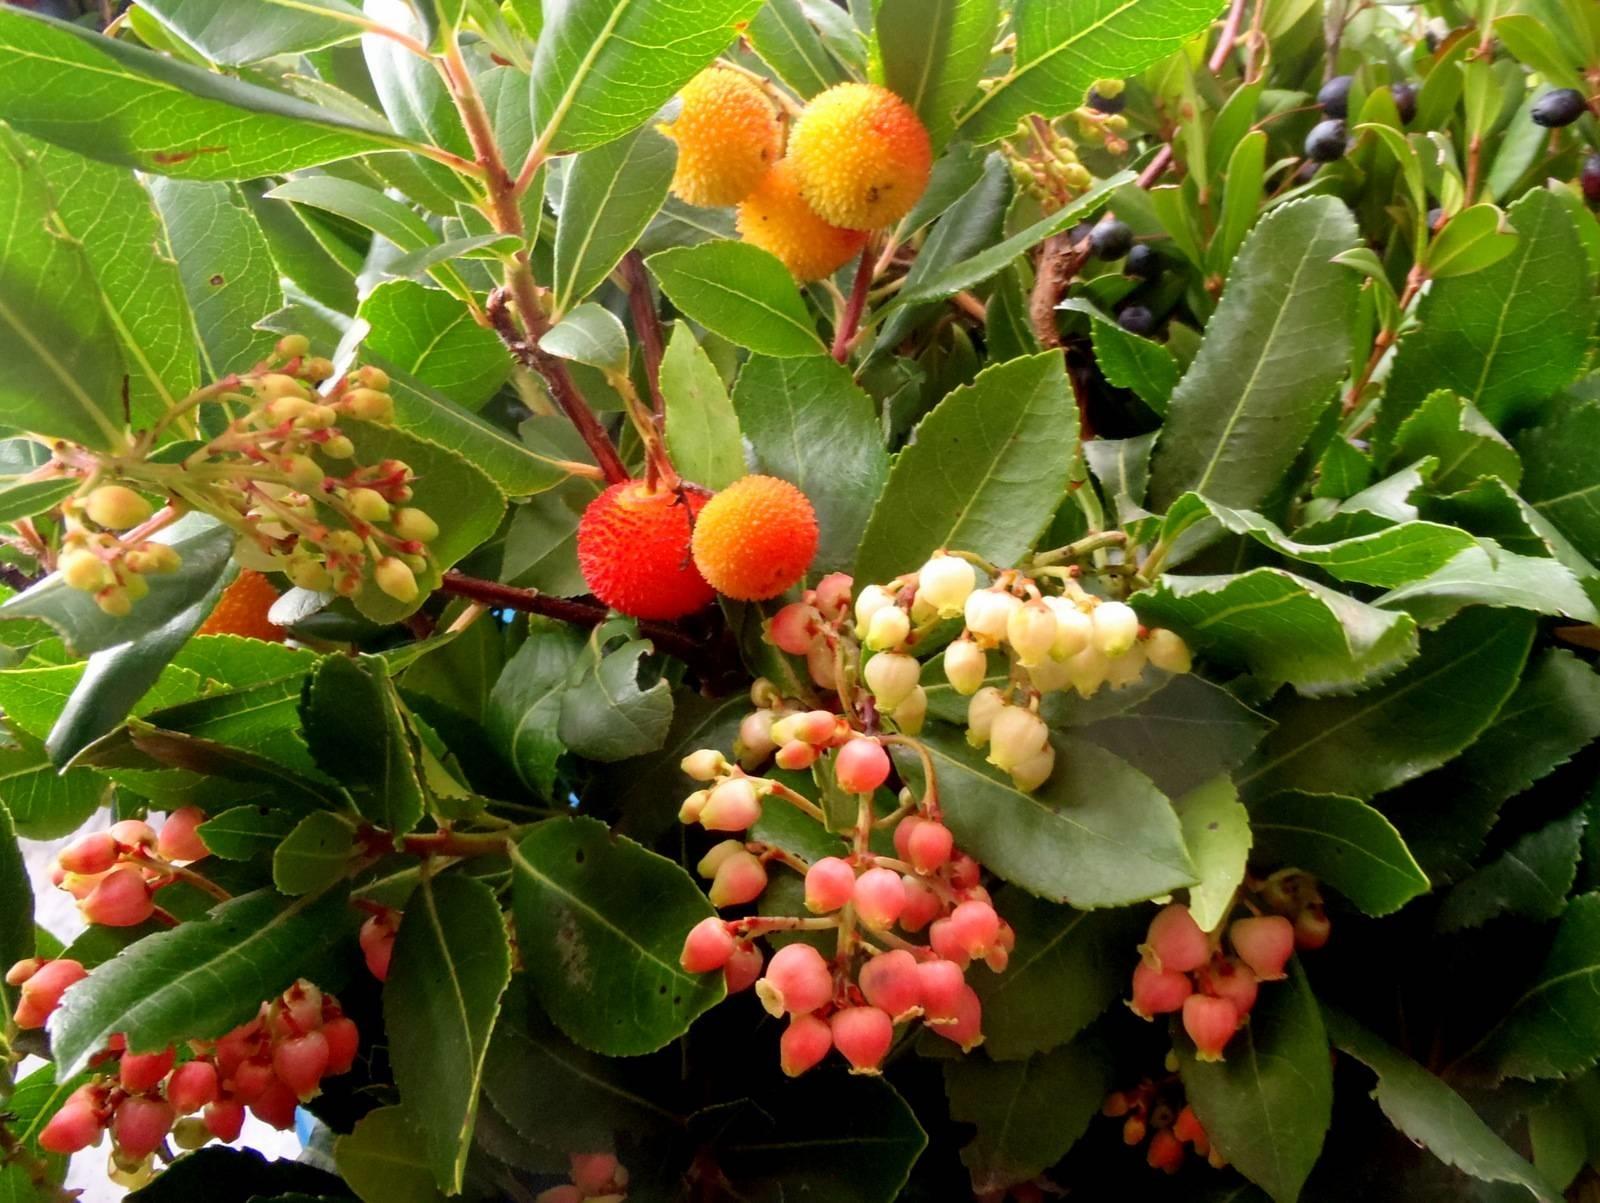 Pianta corbezzolo piante da giardino corbezzolo pianta - Piante sempreverdi da giardino resistenti al freddo ...